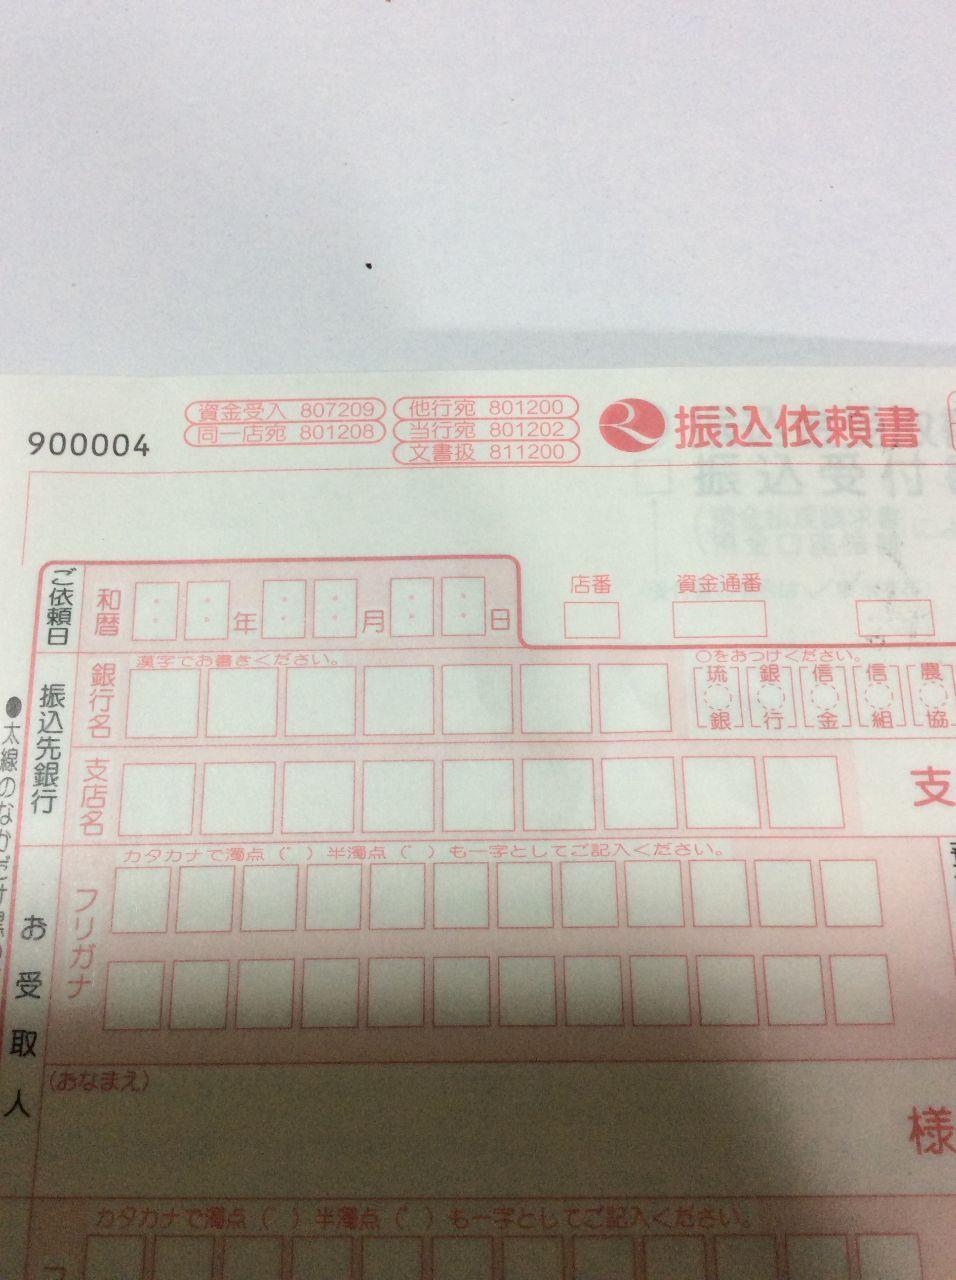 8399 - (株)琉球銀行 この間琉球銀行に振込に行ったのですが、振込依頼書に記入する日付が元号のみ。 そもそも今はもう元号なん